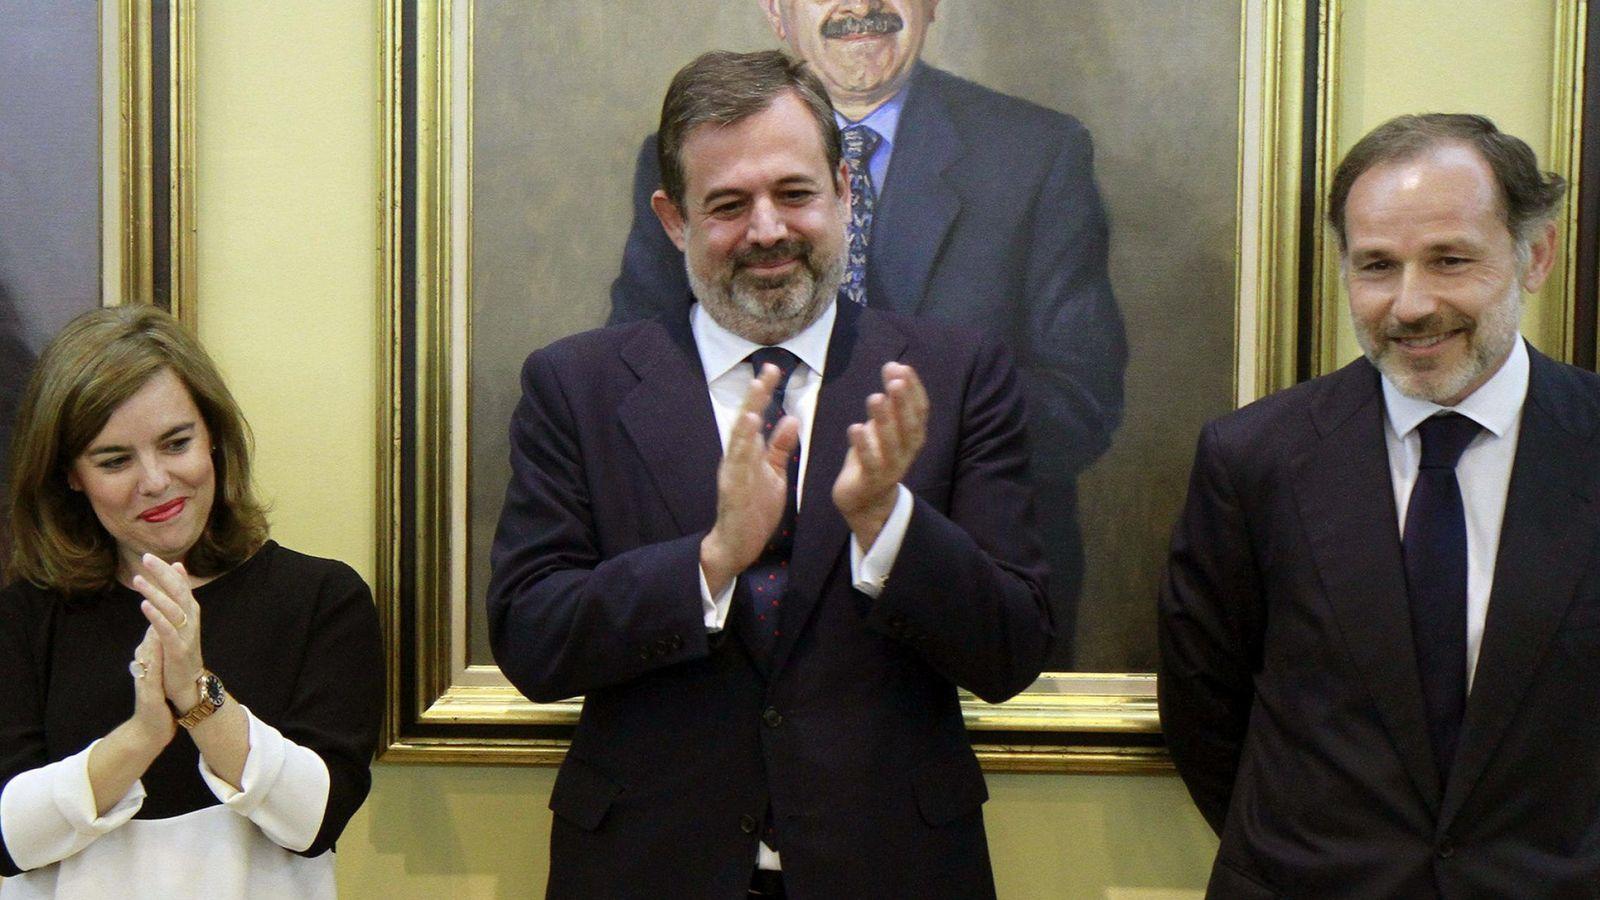 Foto: Federico Ramos de Armas (c) junto a la vicepresidenta del Gobierno, Soraya Sáenz de Santamaría. (EFE)